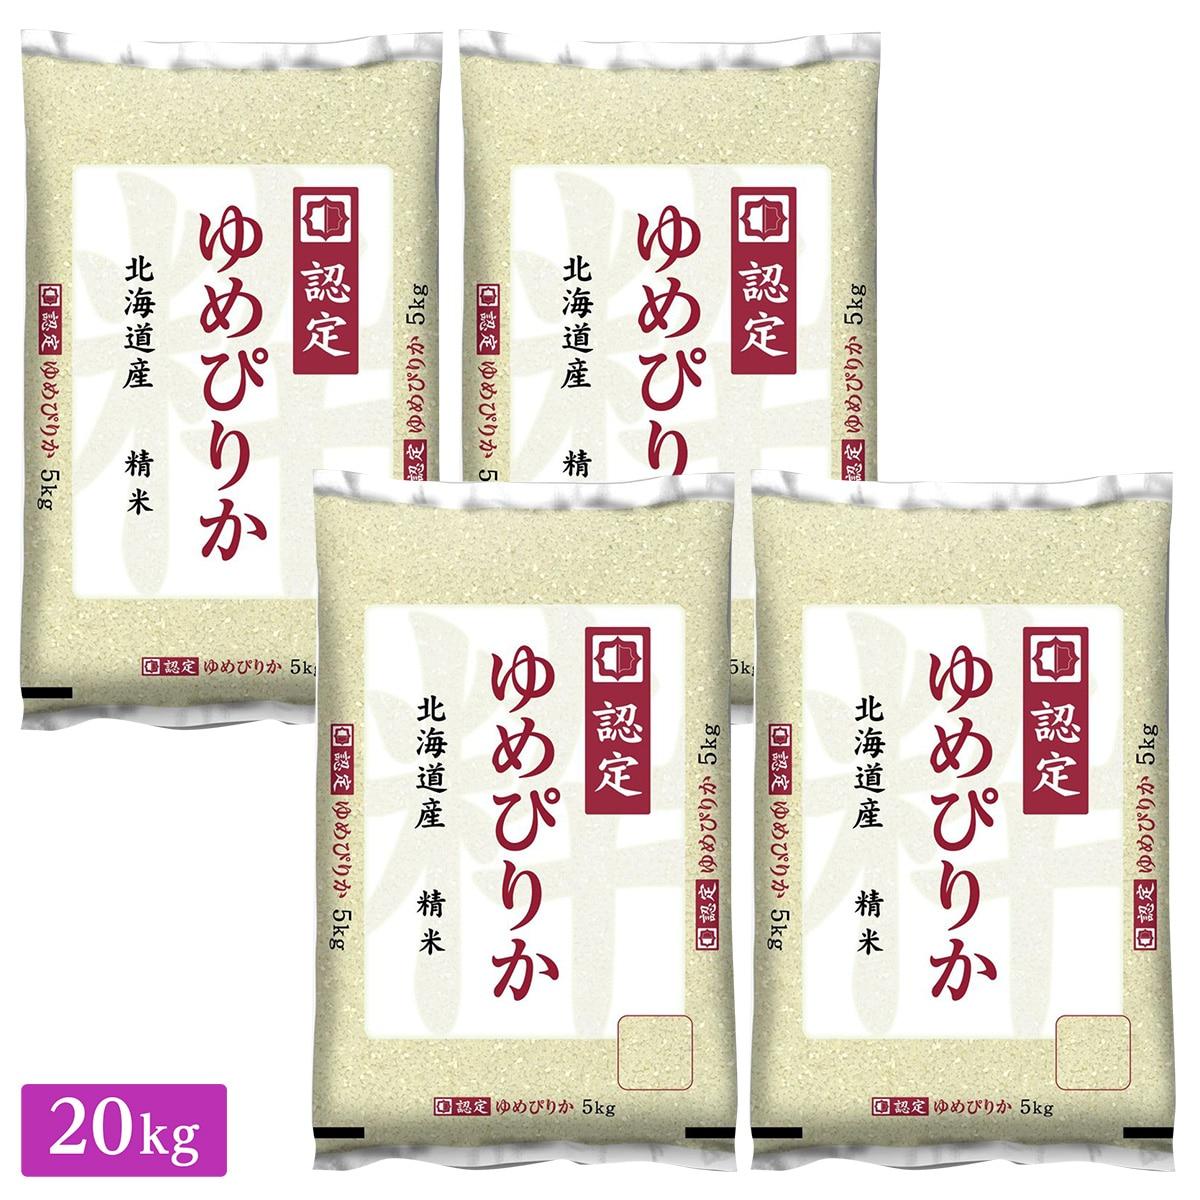 【送料無料】■◇新米 令和3年産 北海道産 特A ゆめぴりか 20kg(5kg×4袋)